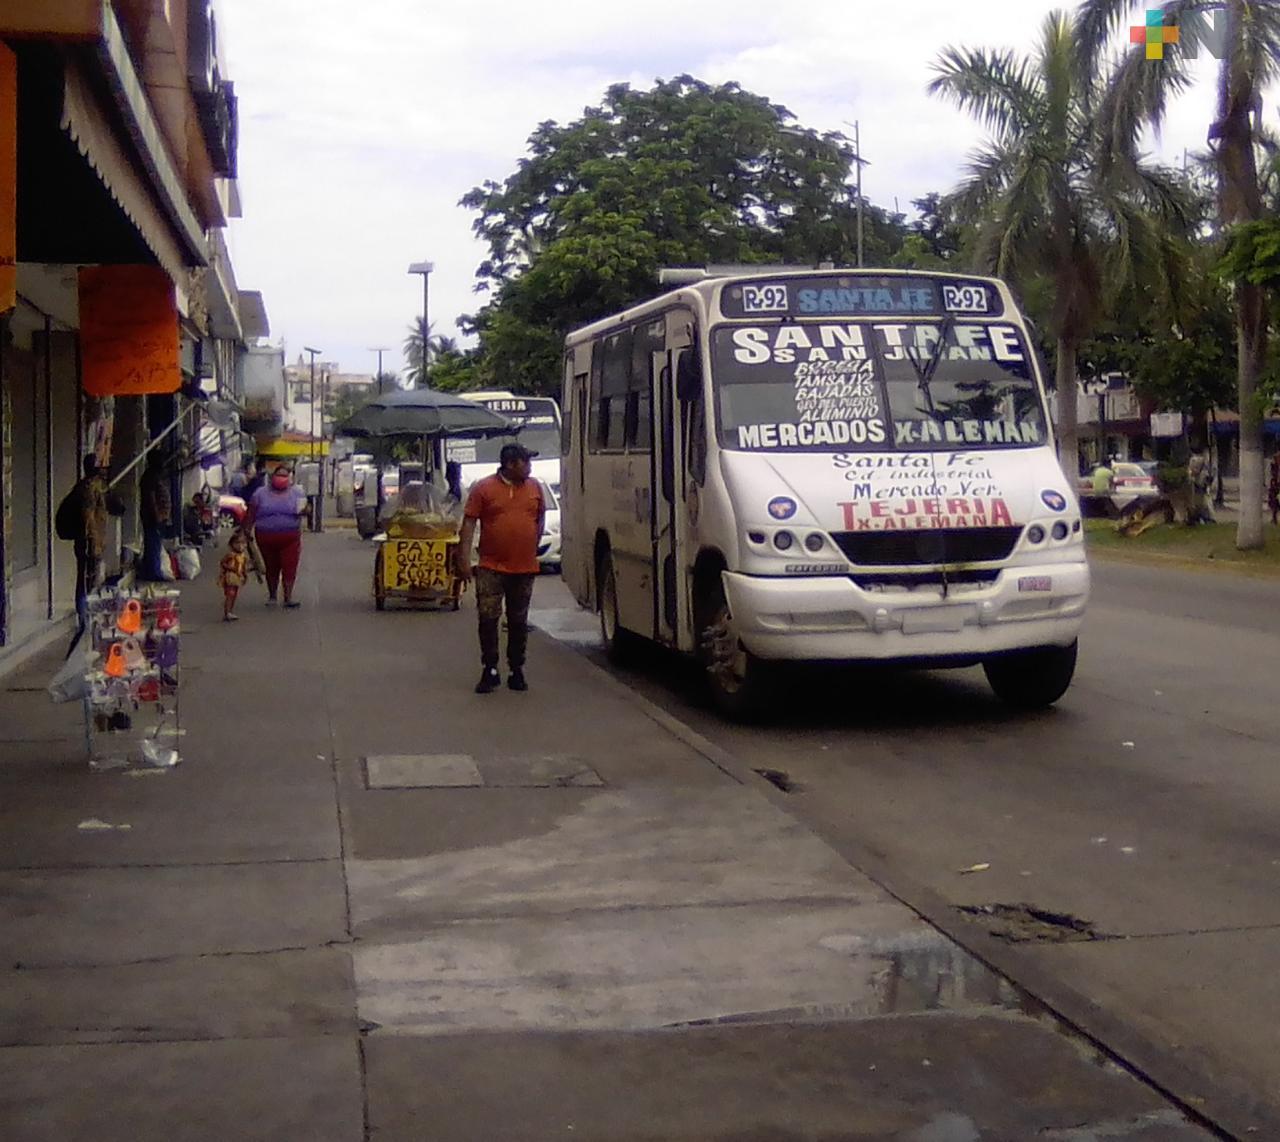 Choferes y usuarios de  transporte público deben cumplir con medidas sanitarias